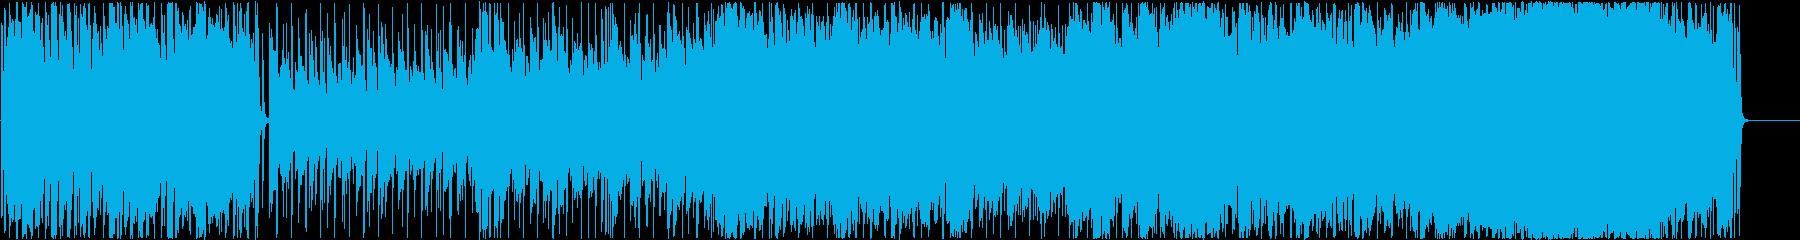 ブラスサウンドが印象的なほのぼのポップスの再生済みの波形